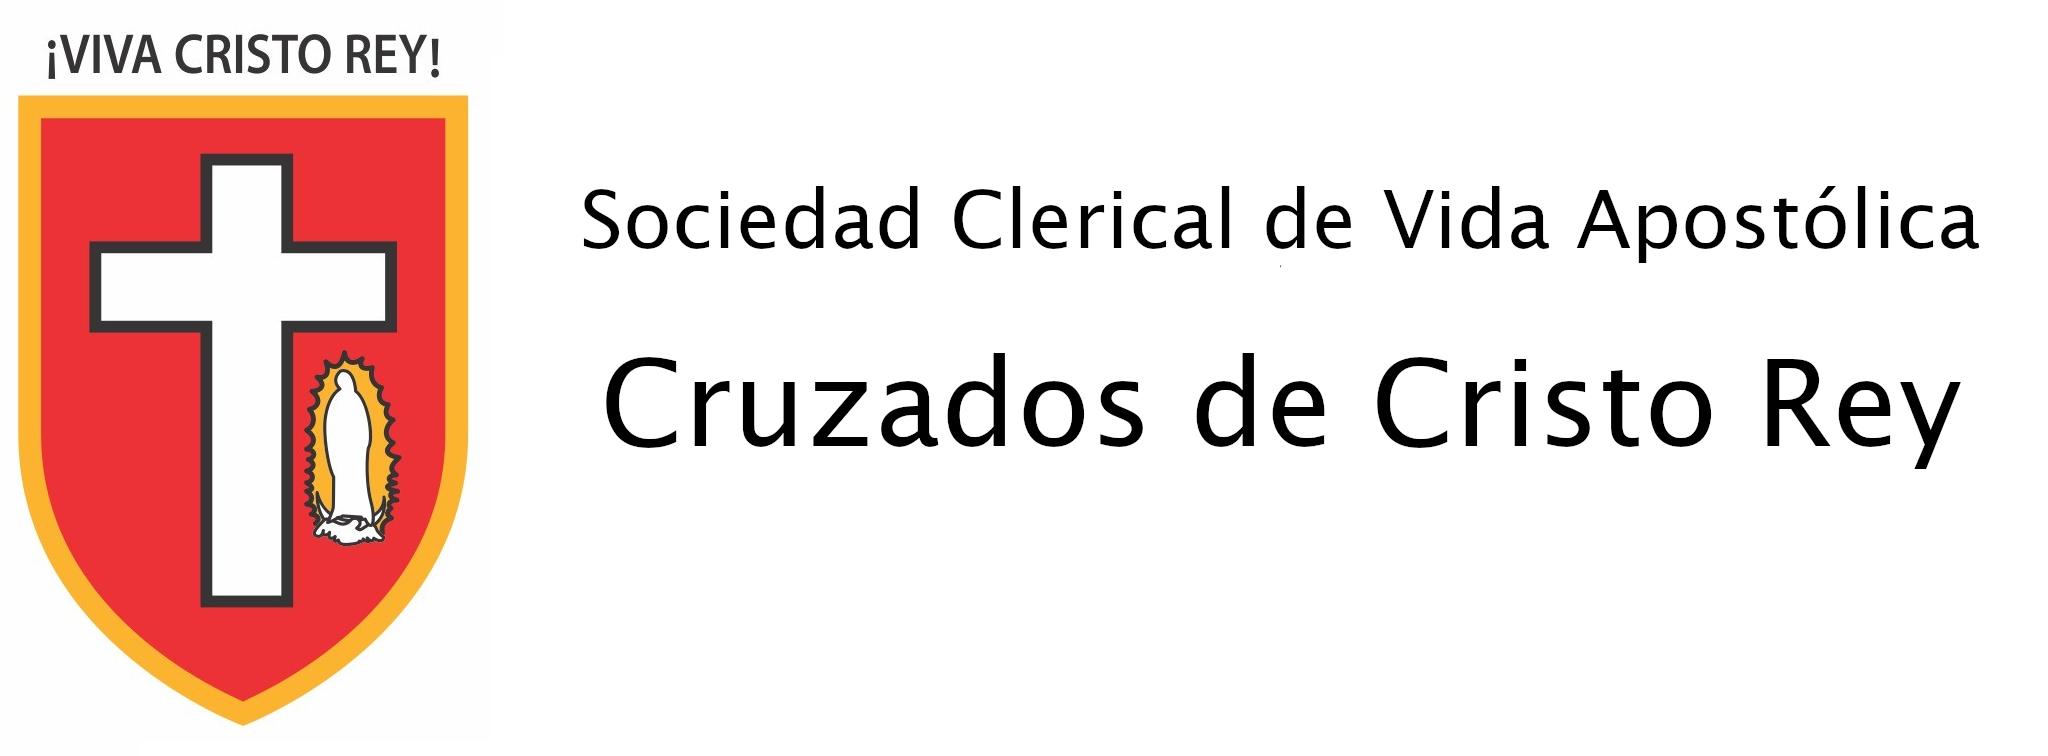 Cruzados de Cristo Rey